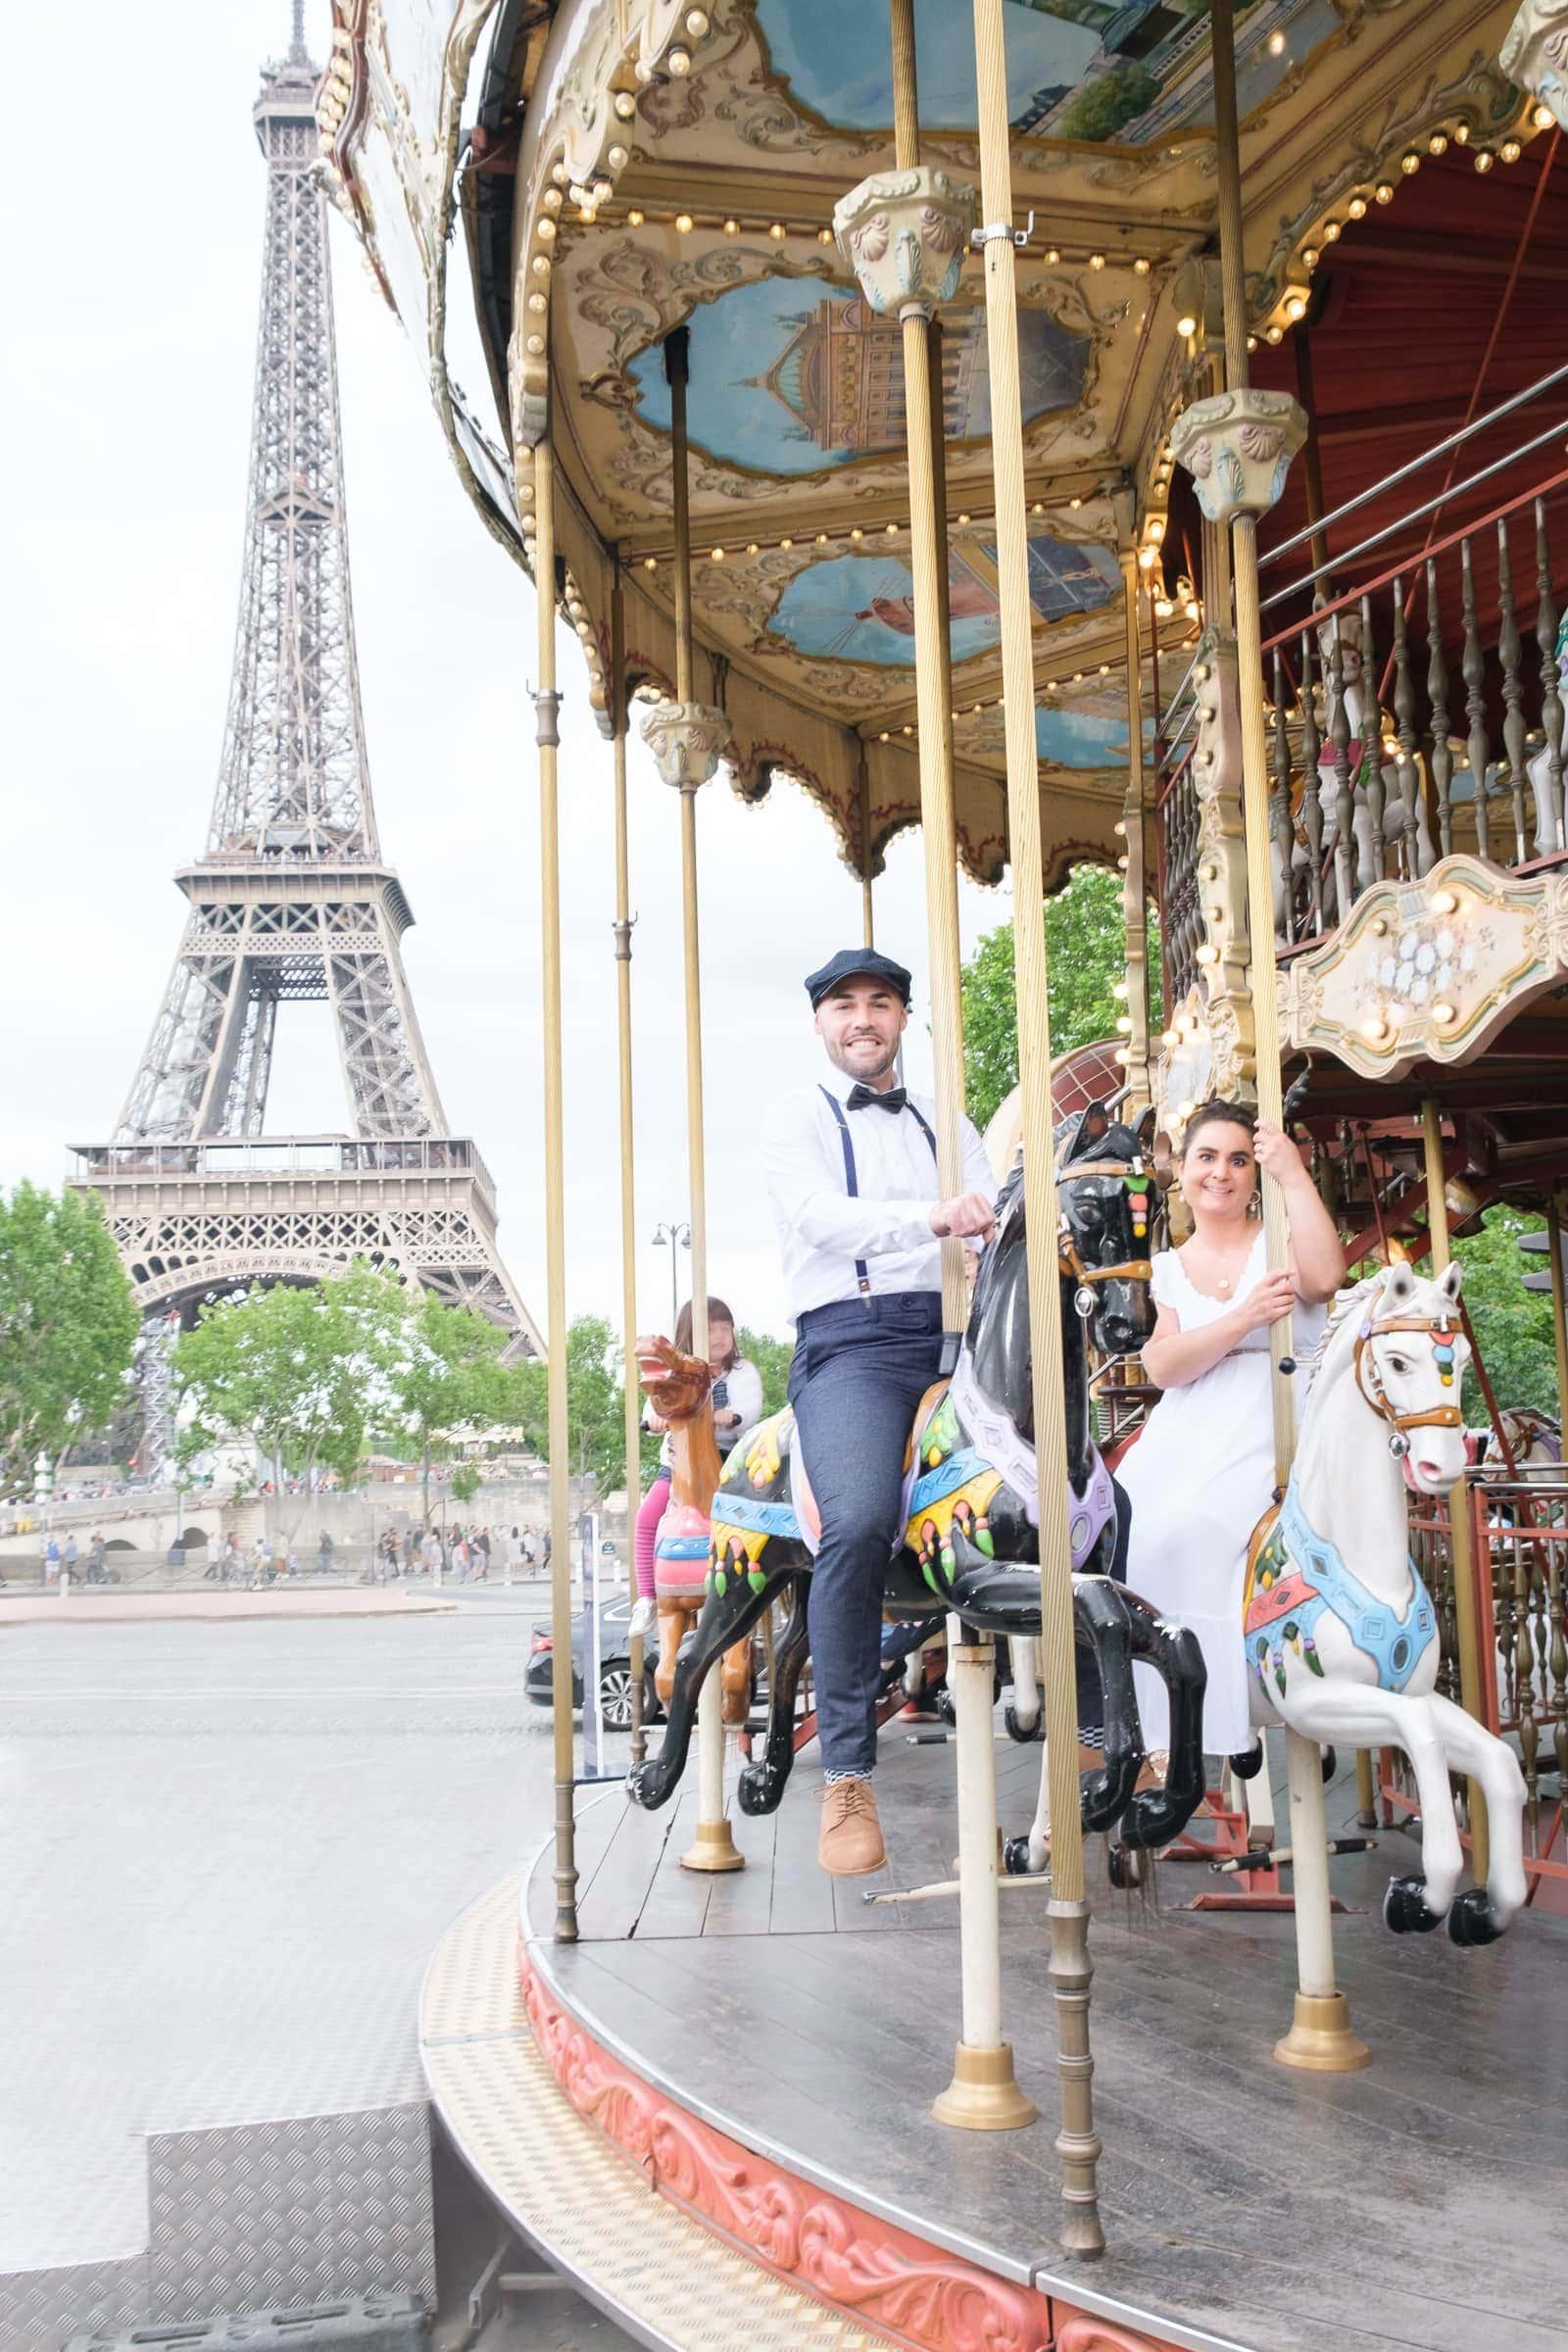 Brautpaar Fotoshooting Paris mit Eifelturm und Karussell